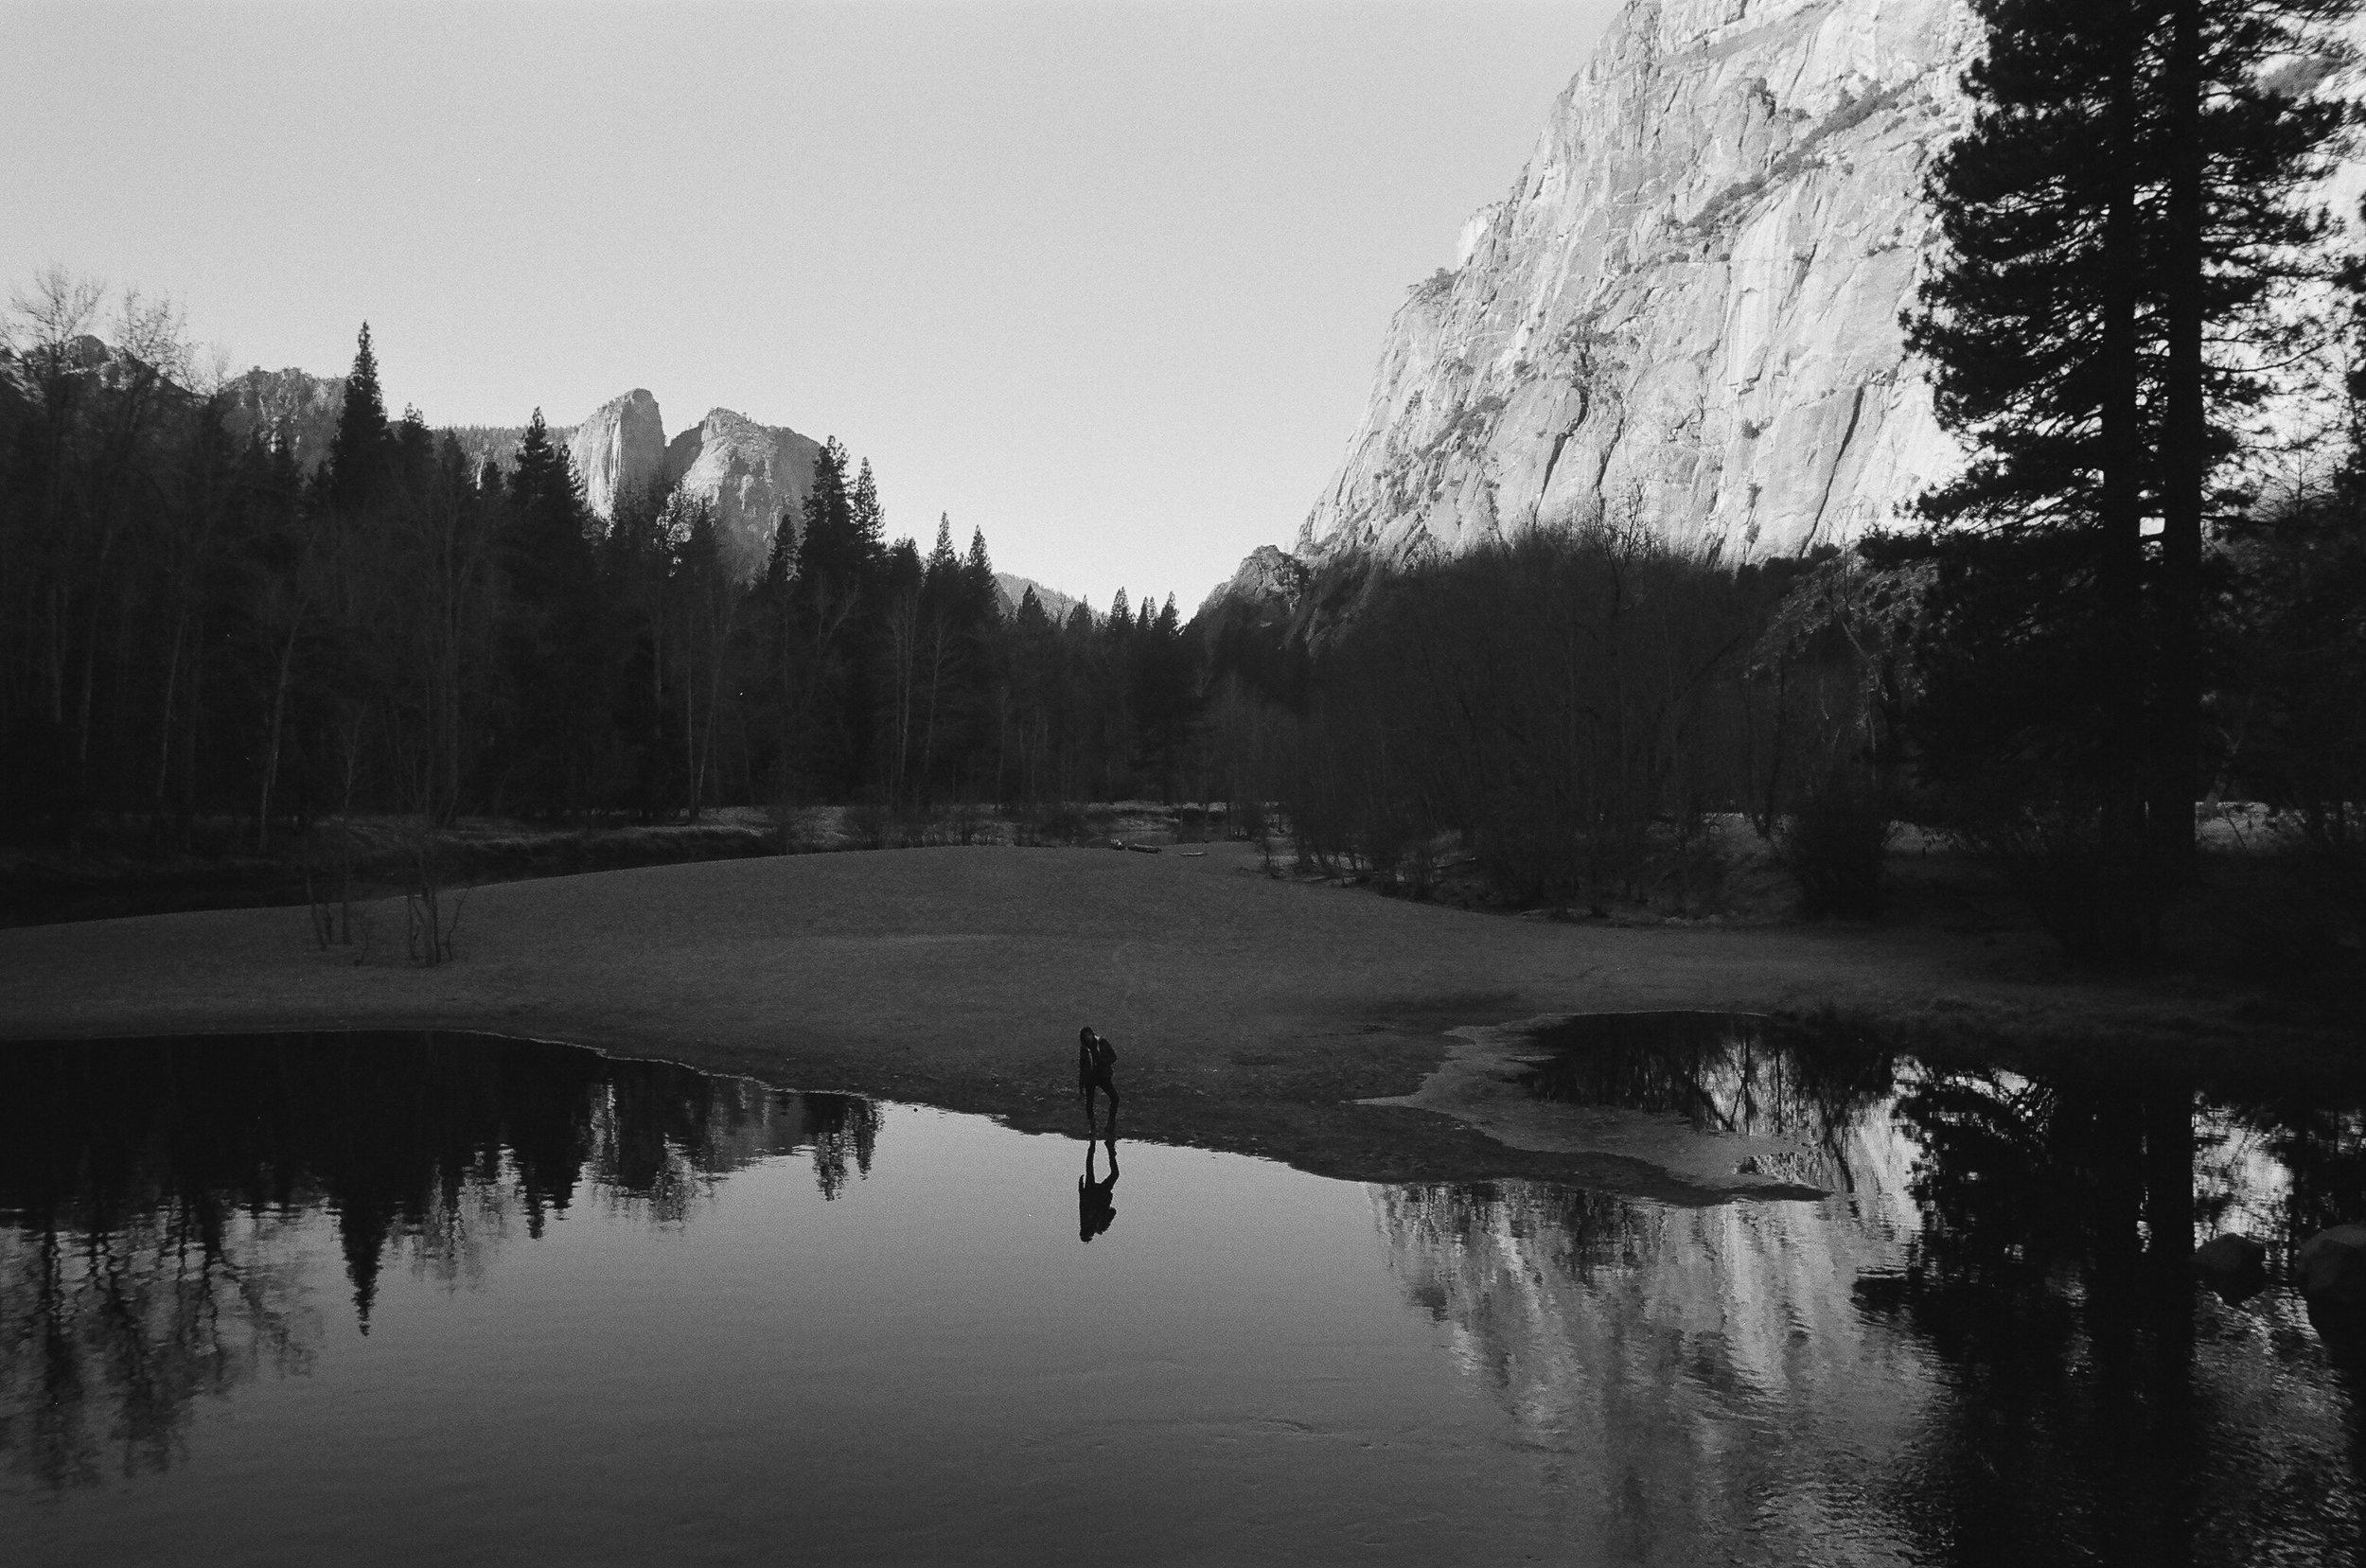 Yosemite_Kodak 400TX_35mm_29.jpg